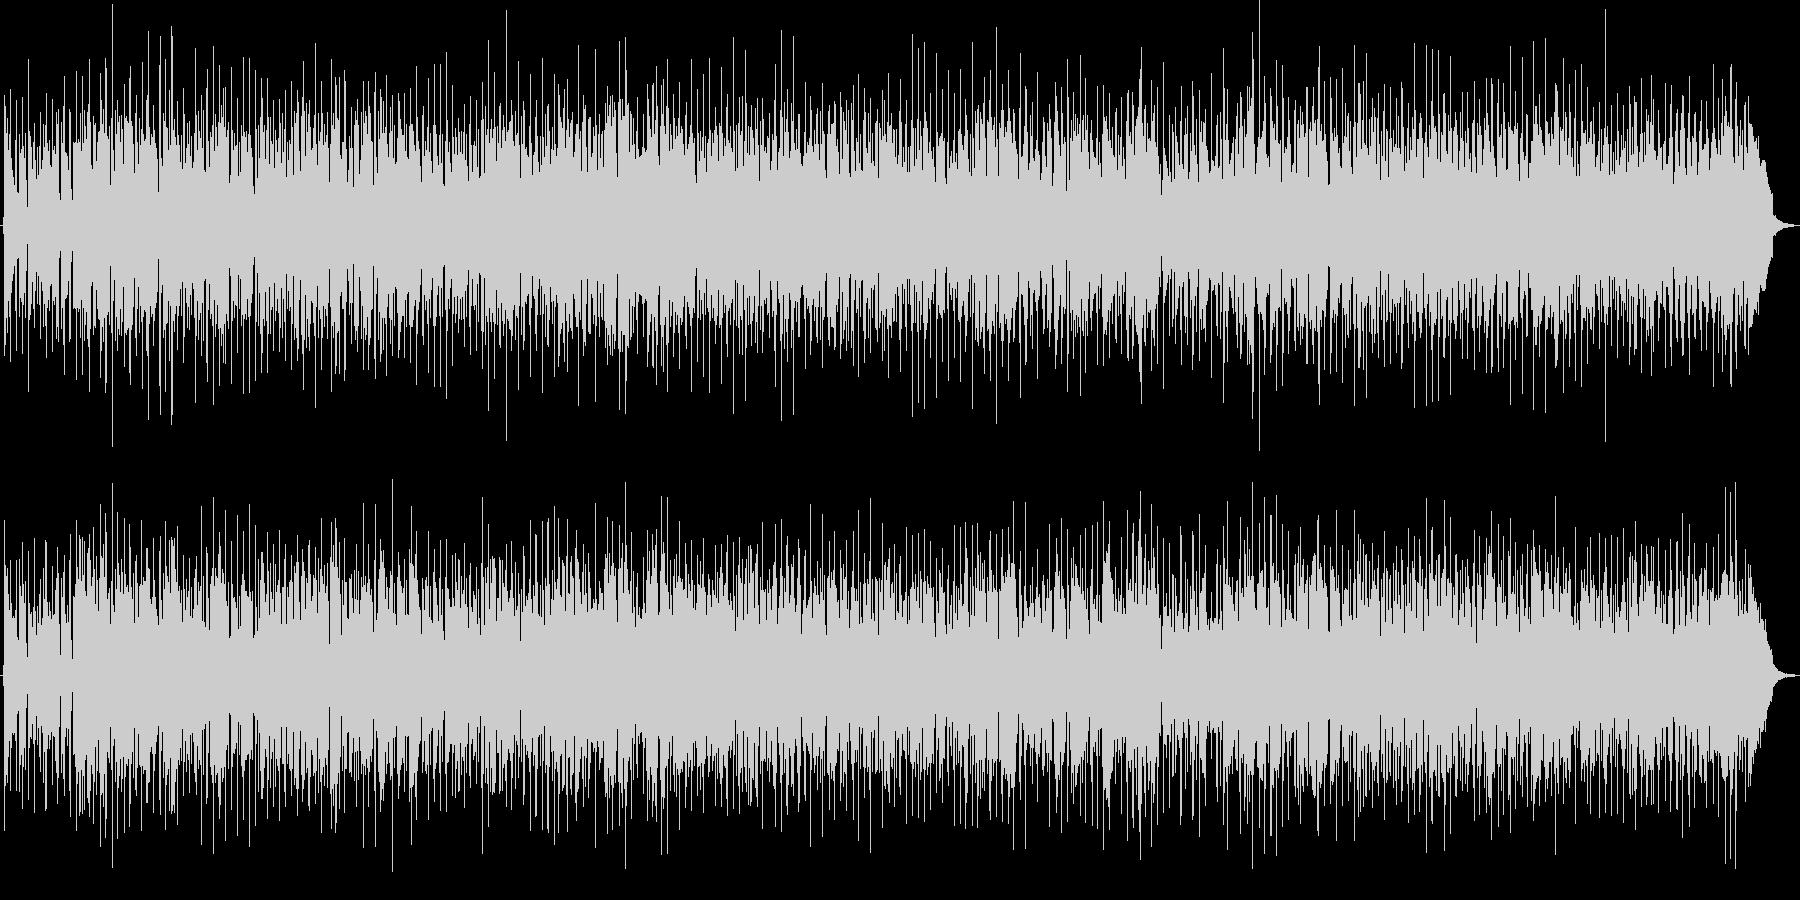 ほのぼのしたポップスBGMの未再生の波形